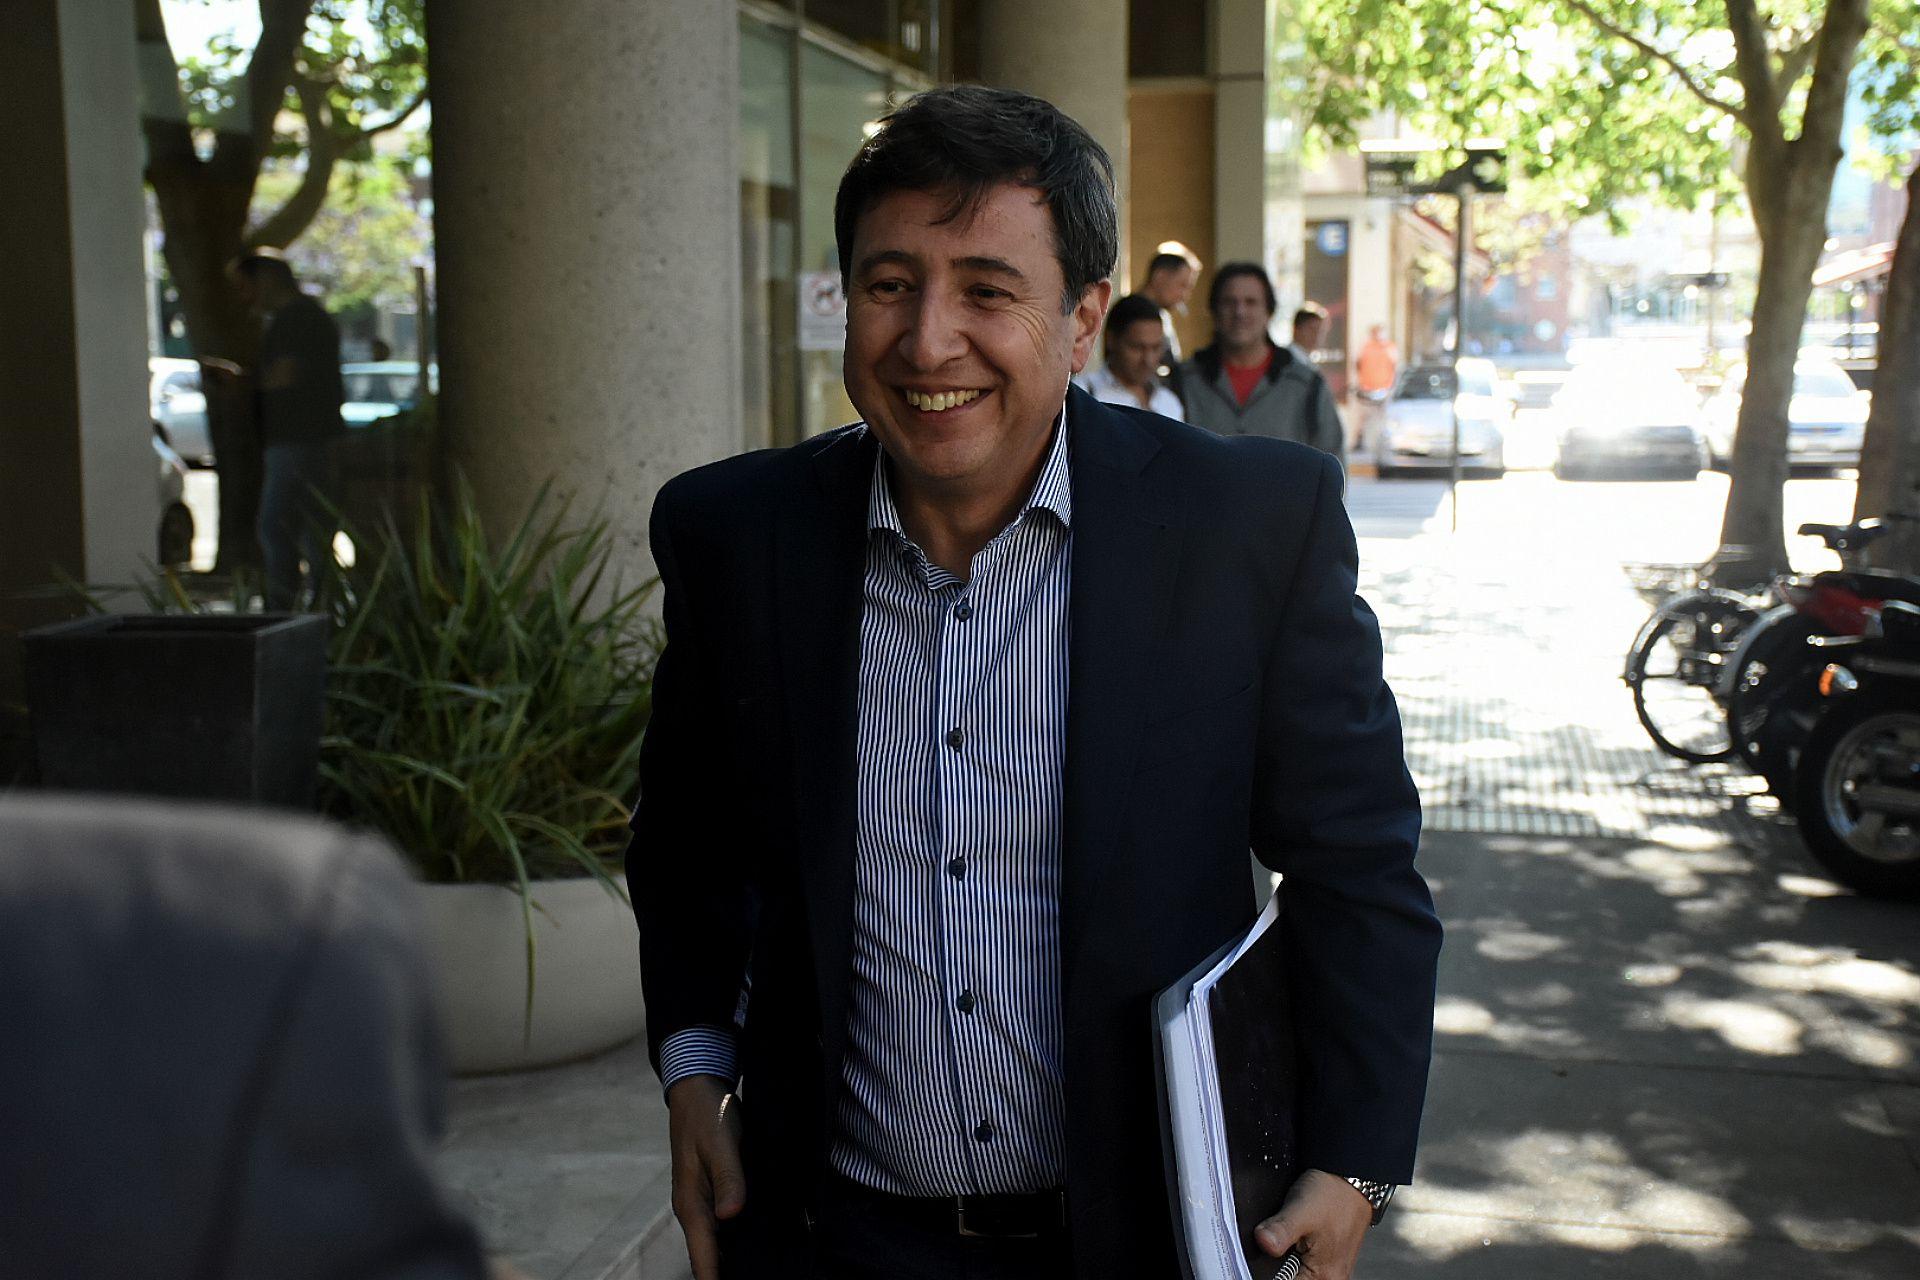 El ministro Daniel Arroyo dijo que seguirán adelante pese a las críticas (foto Nicolás Stulberg)